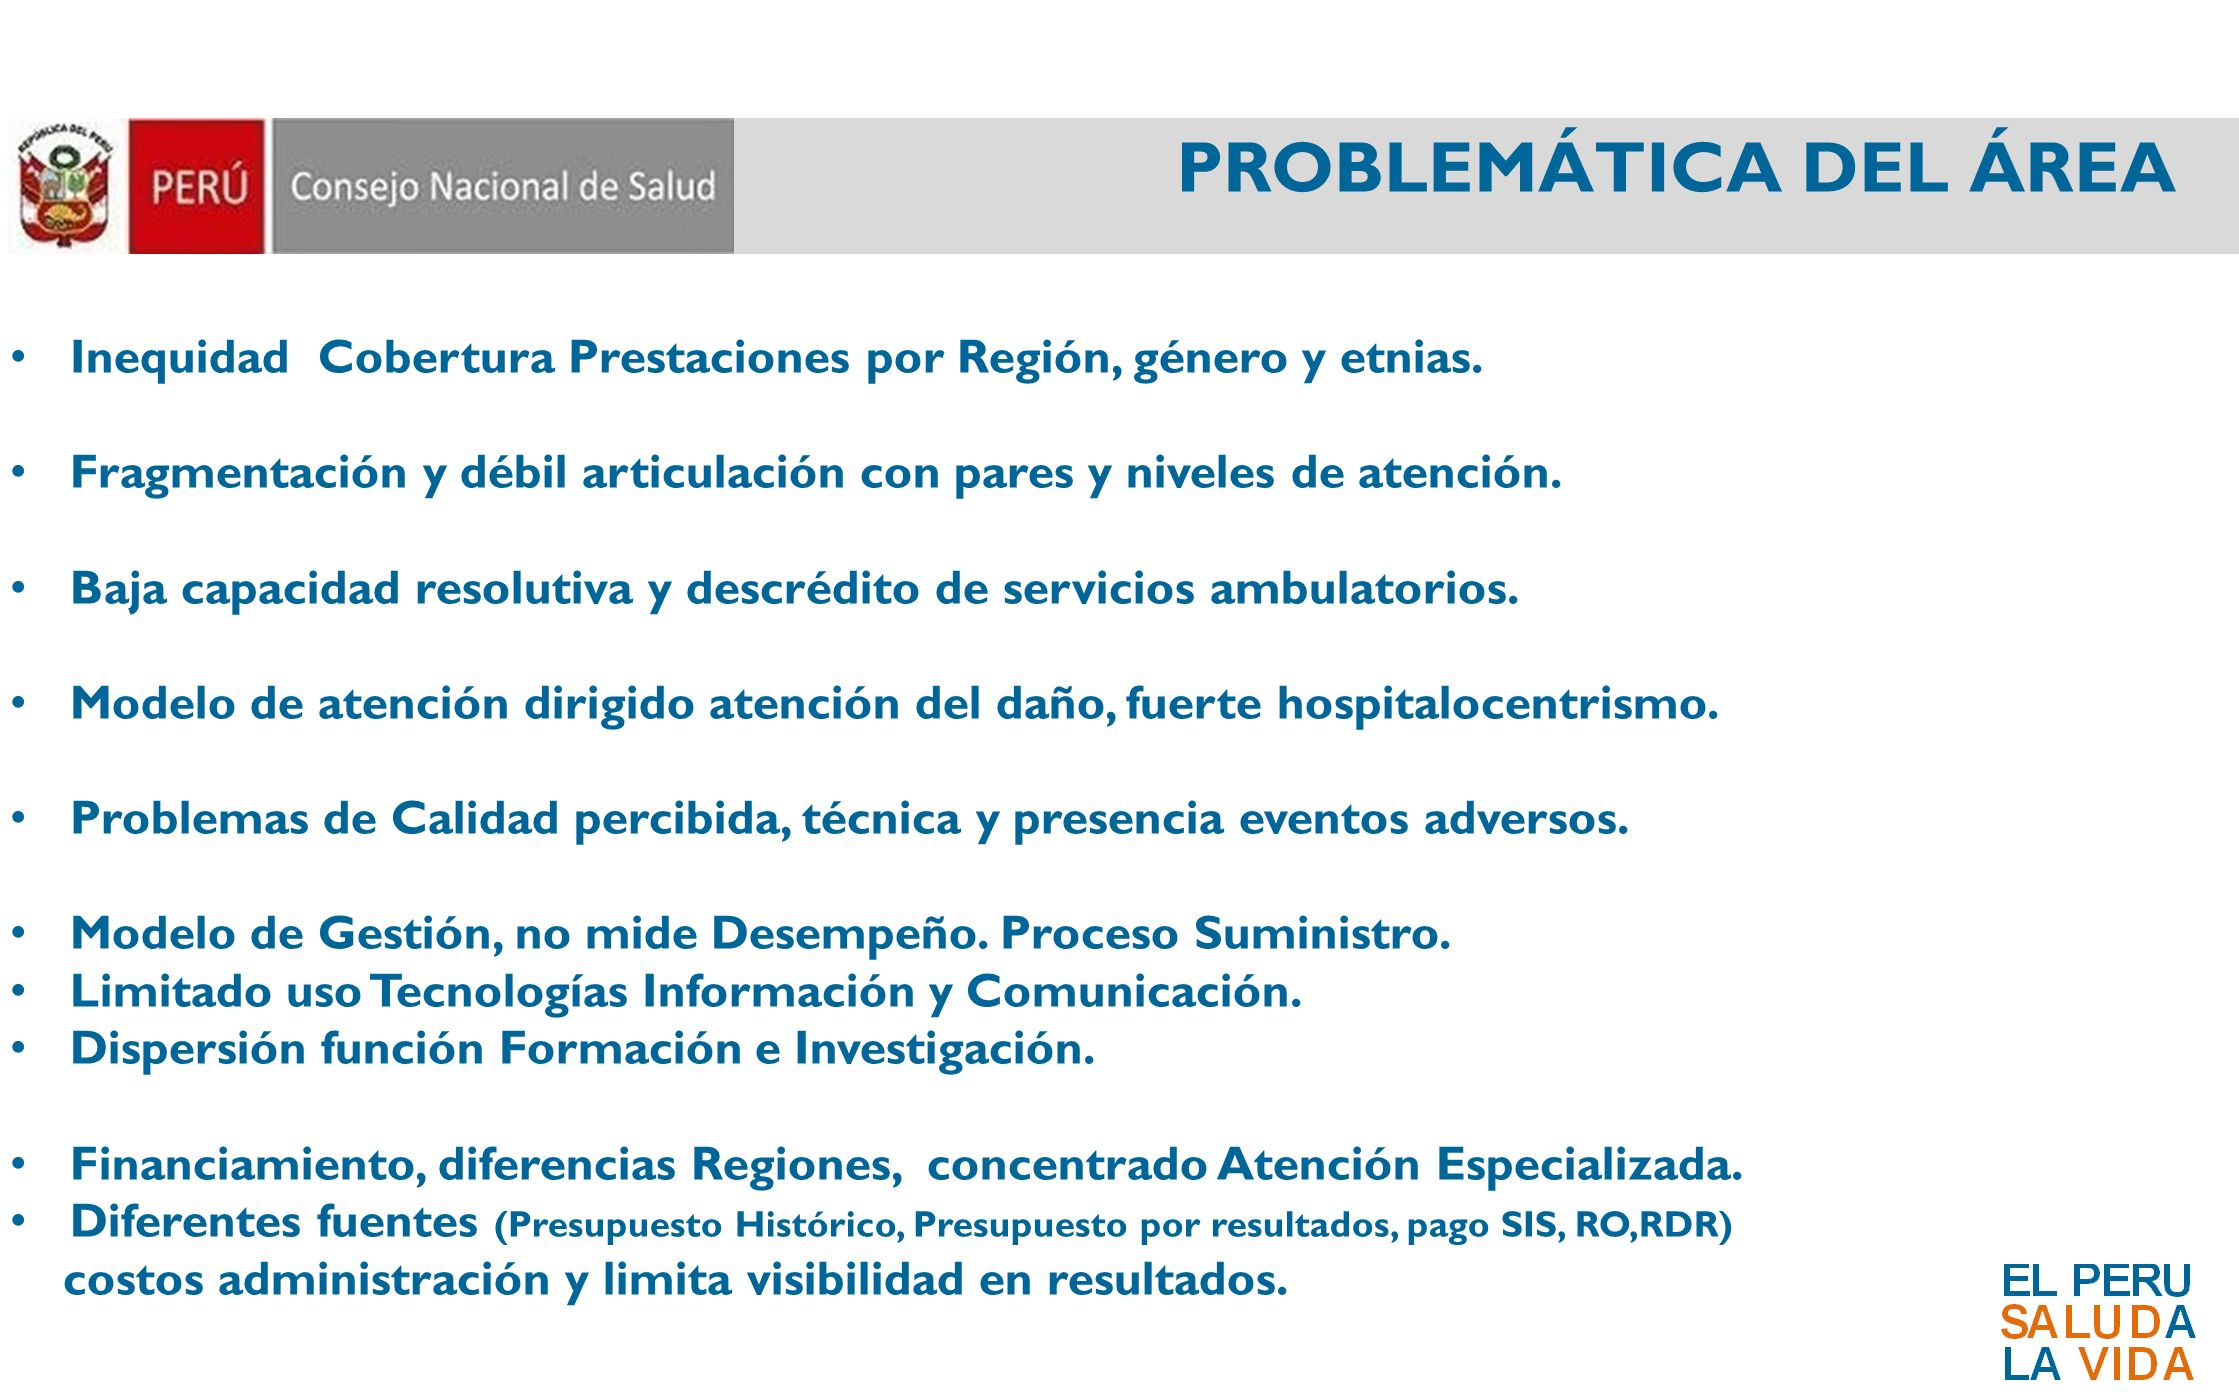 PROBLEMÁTICA DEL ÁREAInequidad Cobertura Prestaciones por Región, género y etnias.